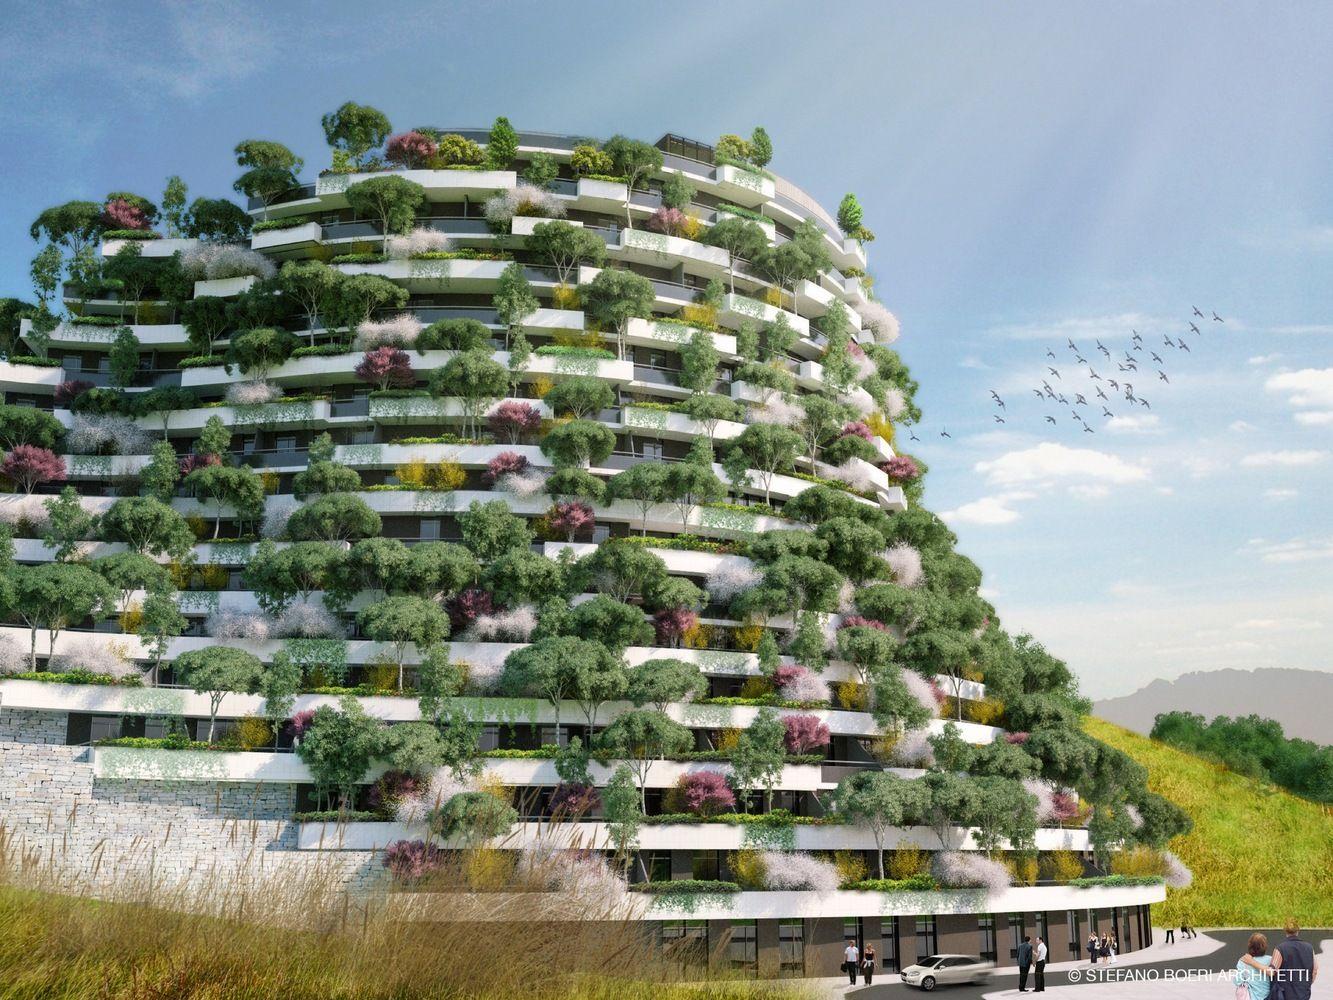 Architettura Sostenibile Architetti gallery of stefano boeri architetti designs vertical forest